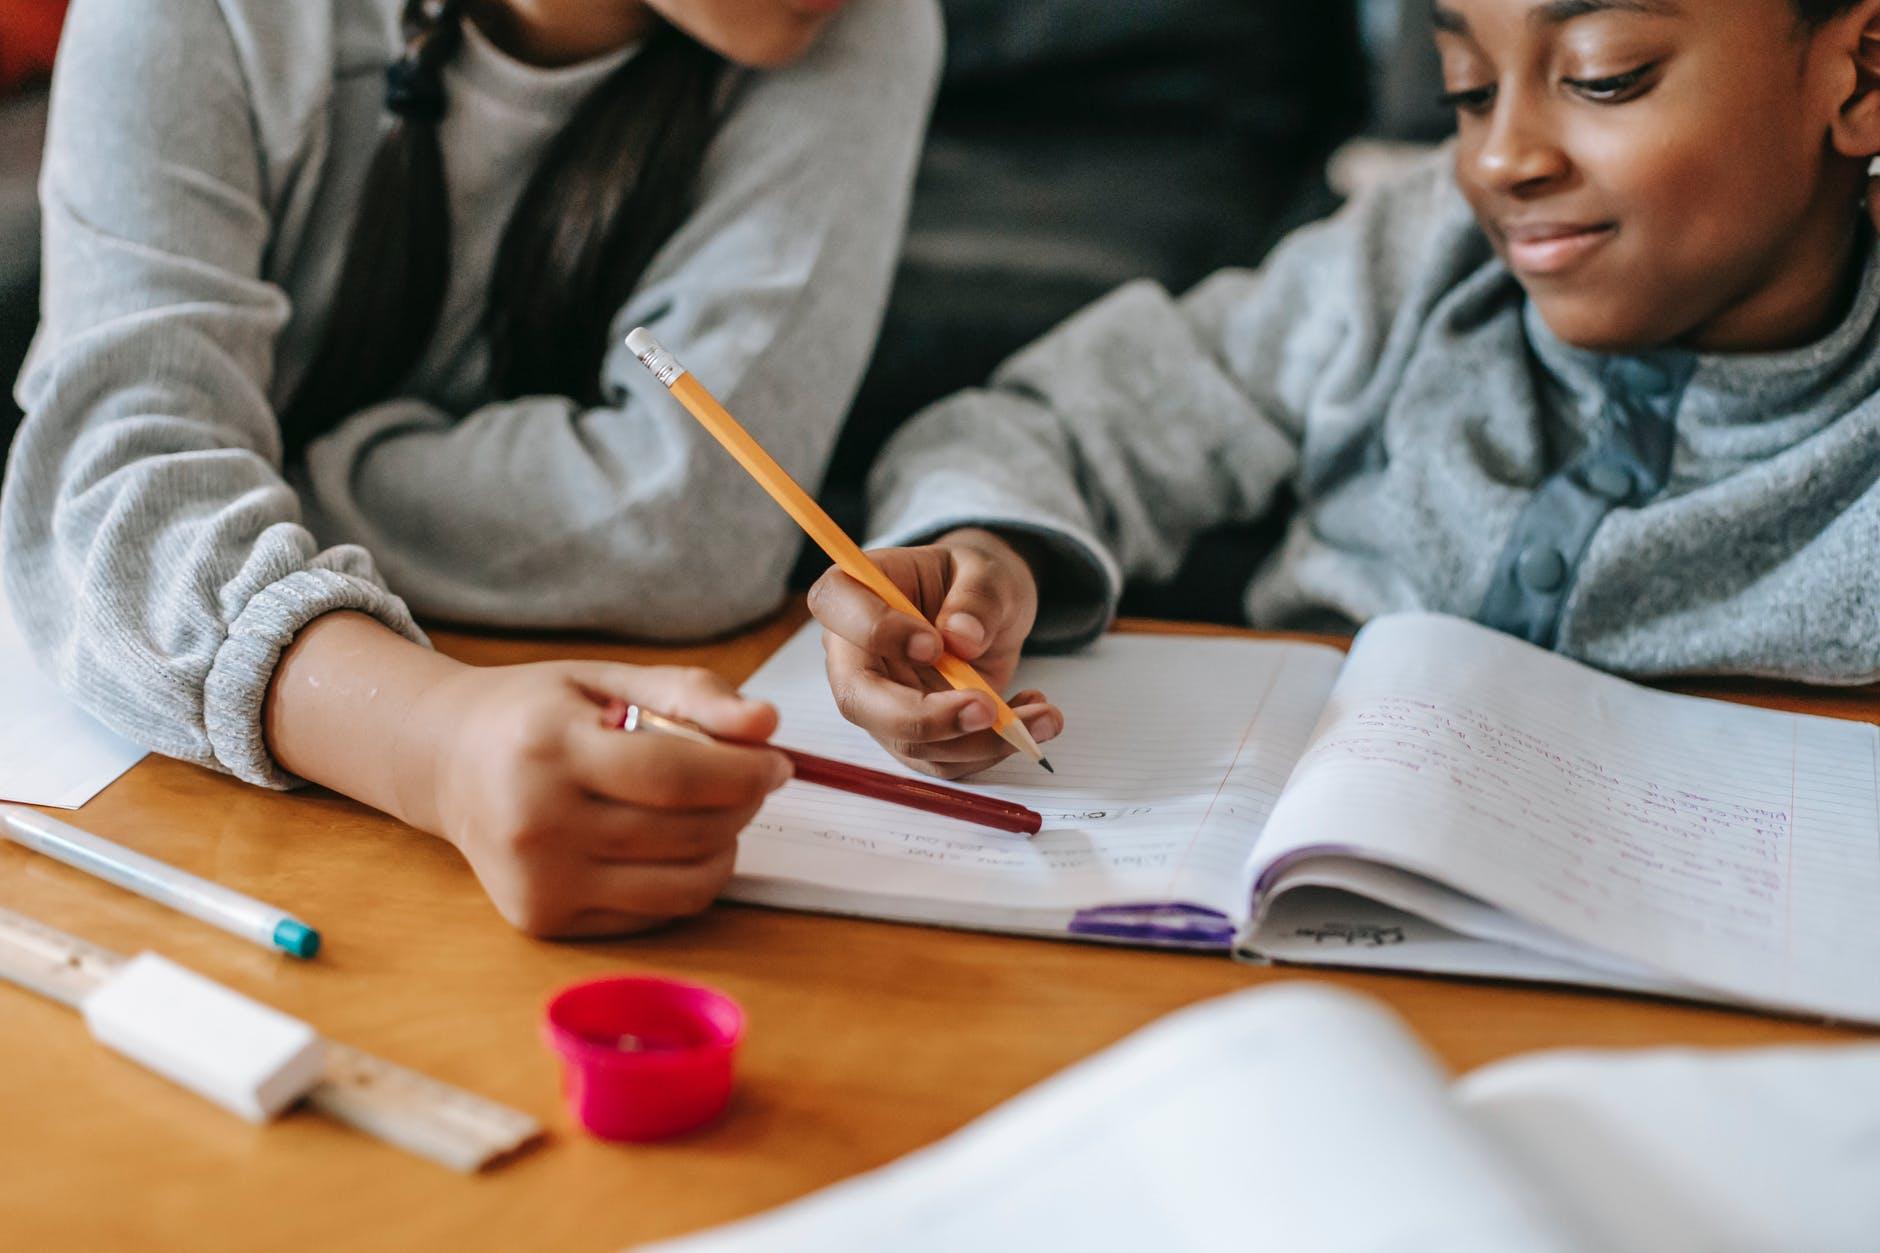 crop kids doing homework together